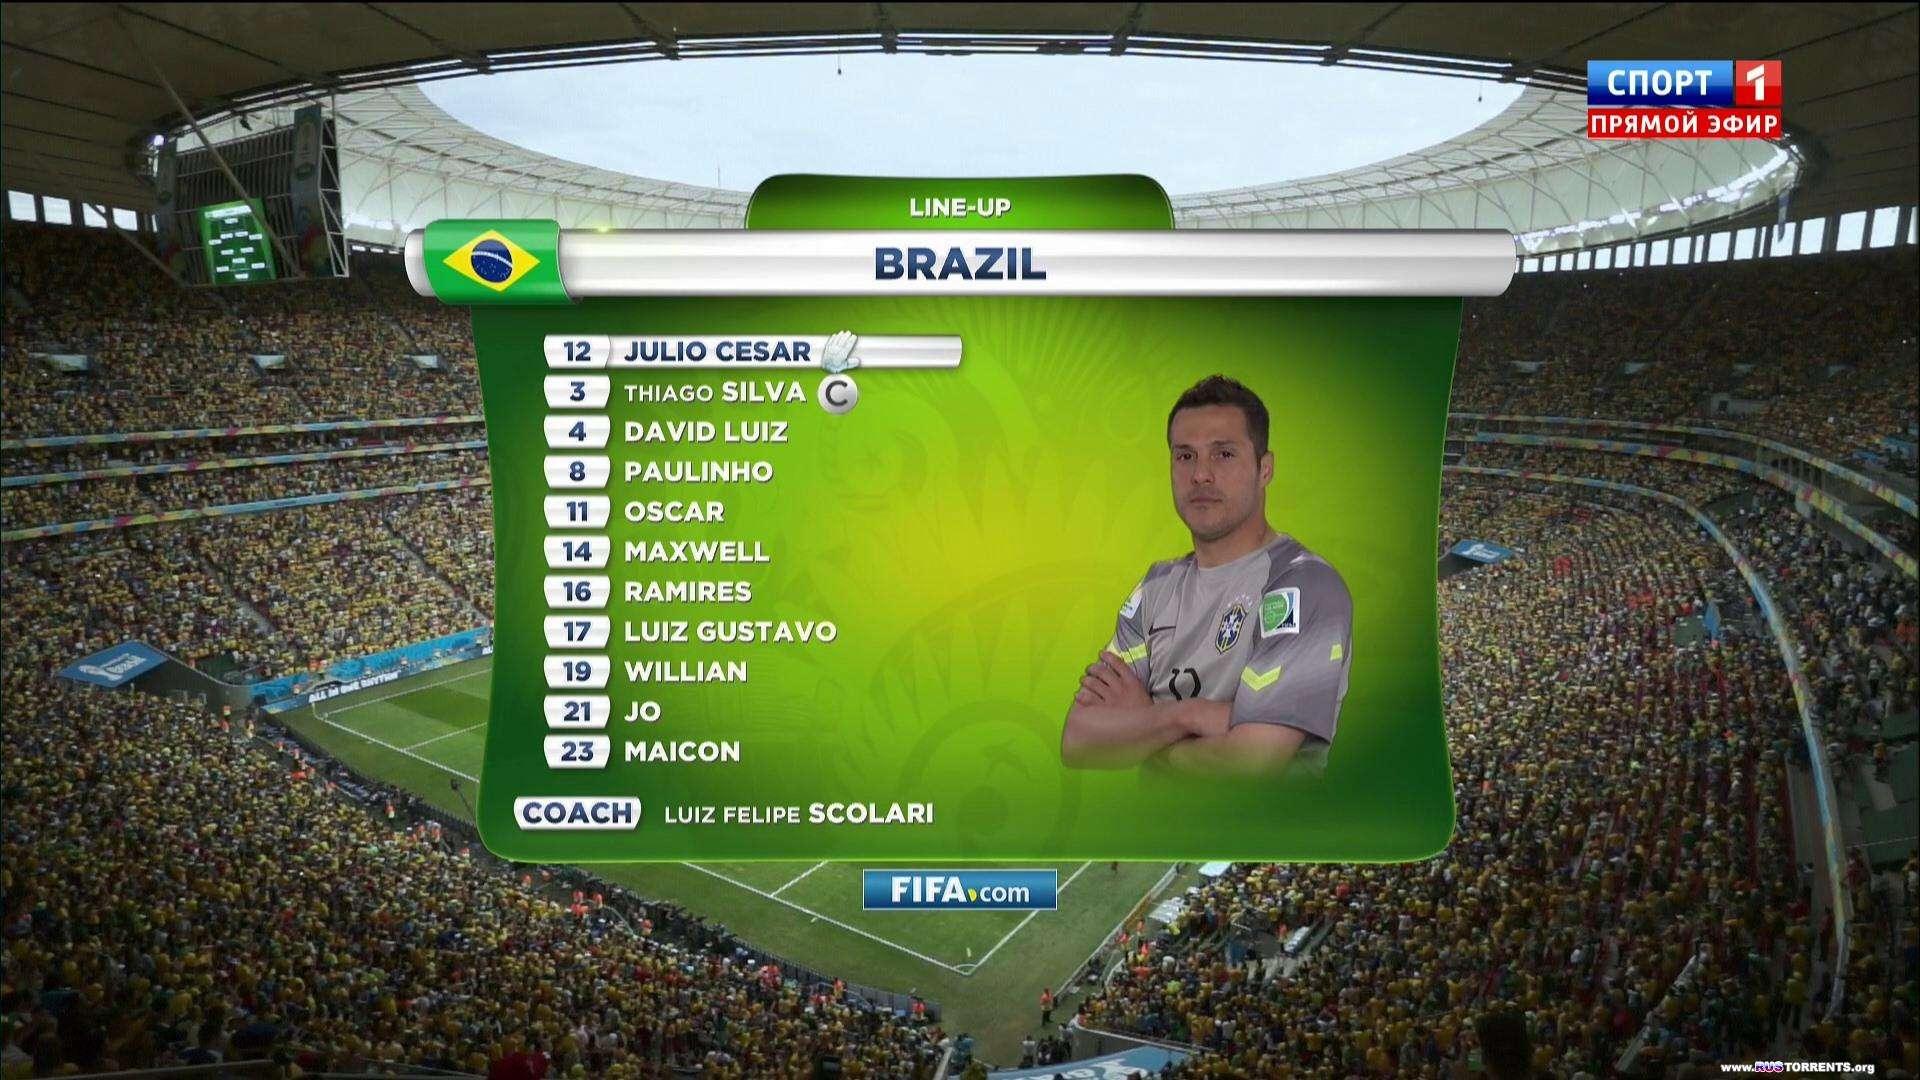 Футбол. Чемпионат мира 2014. Матч за 3 место. Бразилия - Нидерланды + Превью | HDTV 1080i